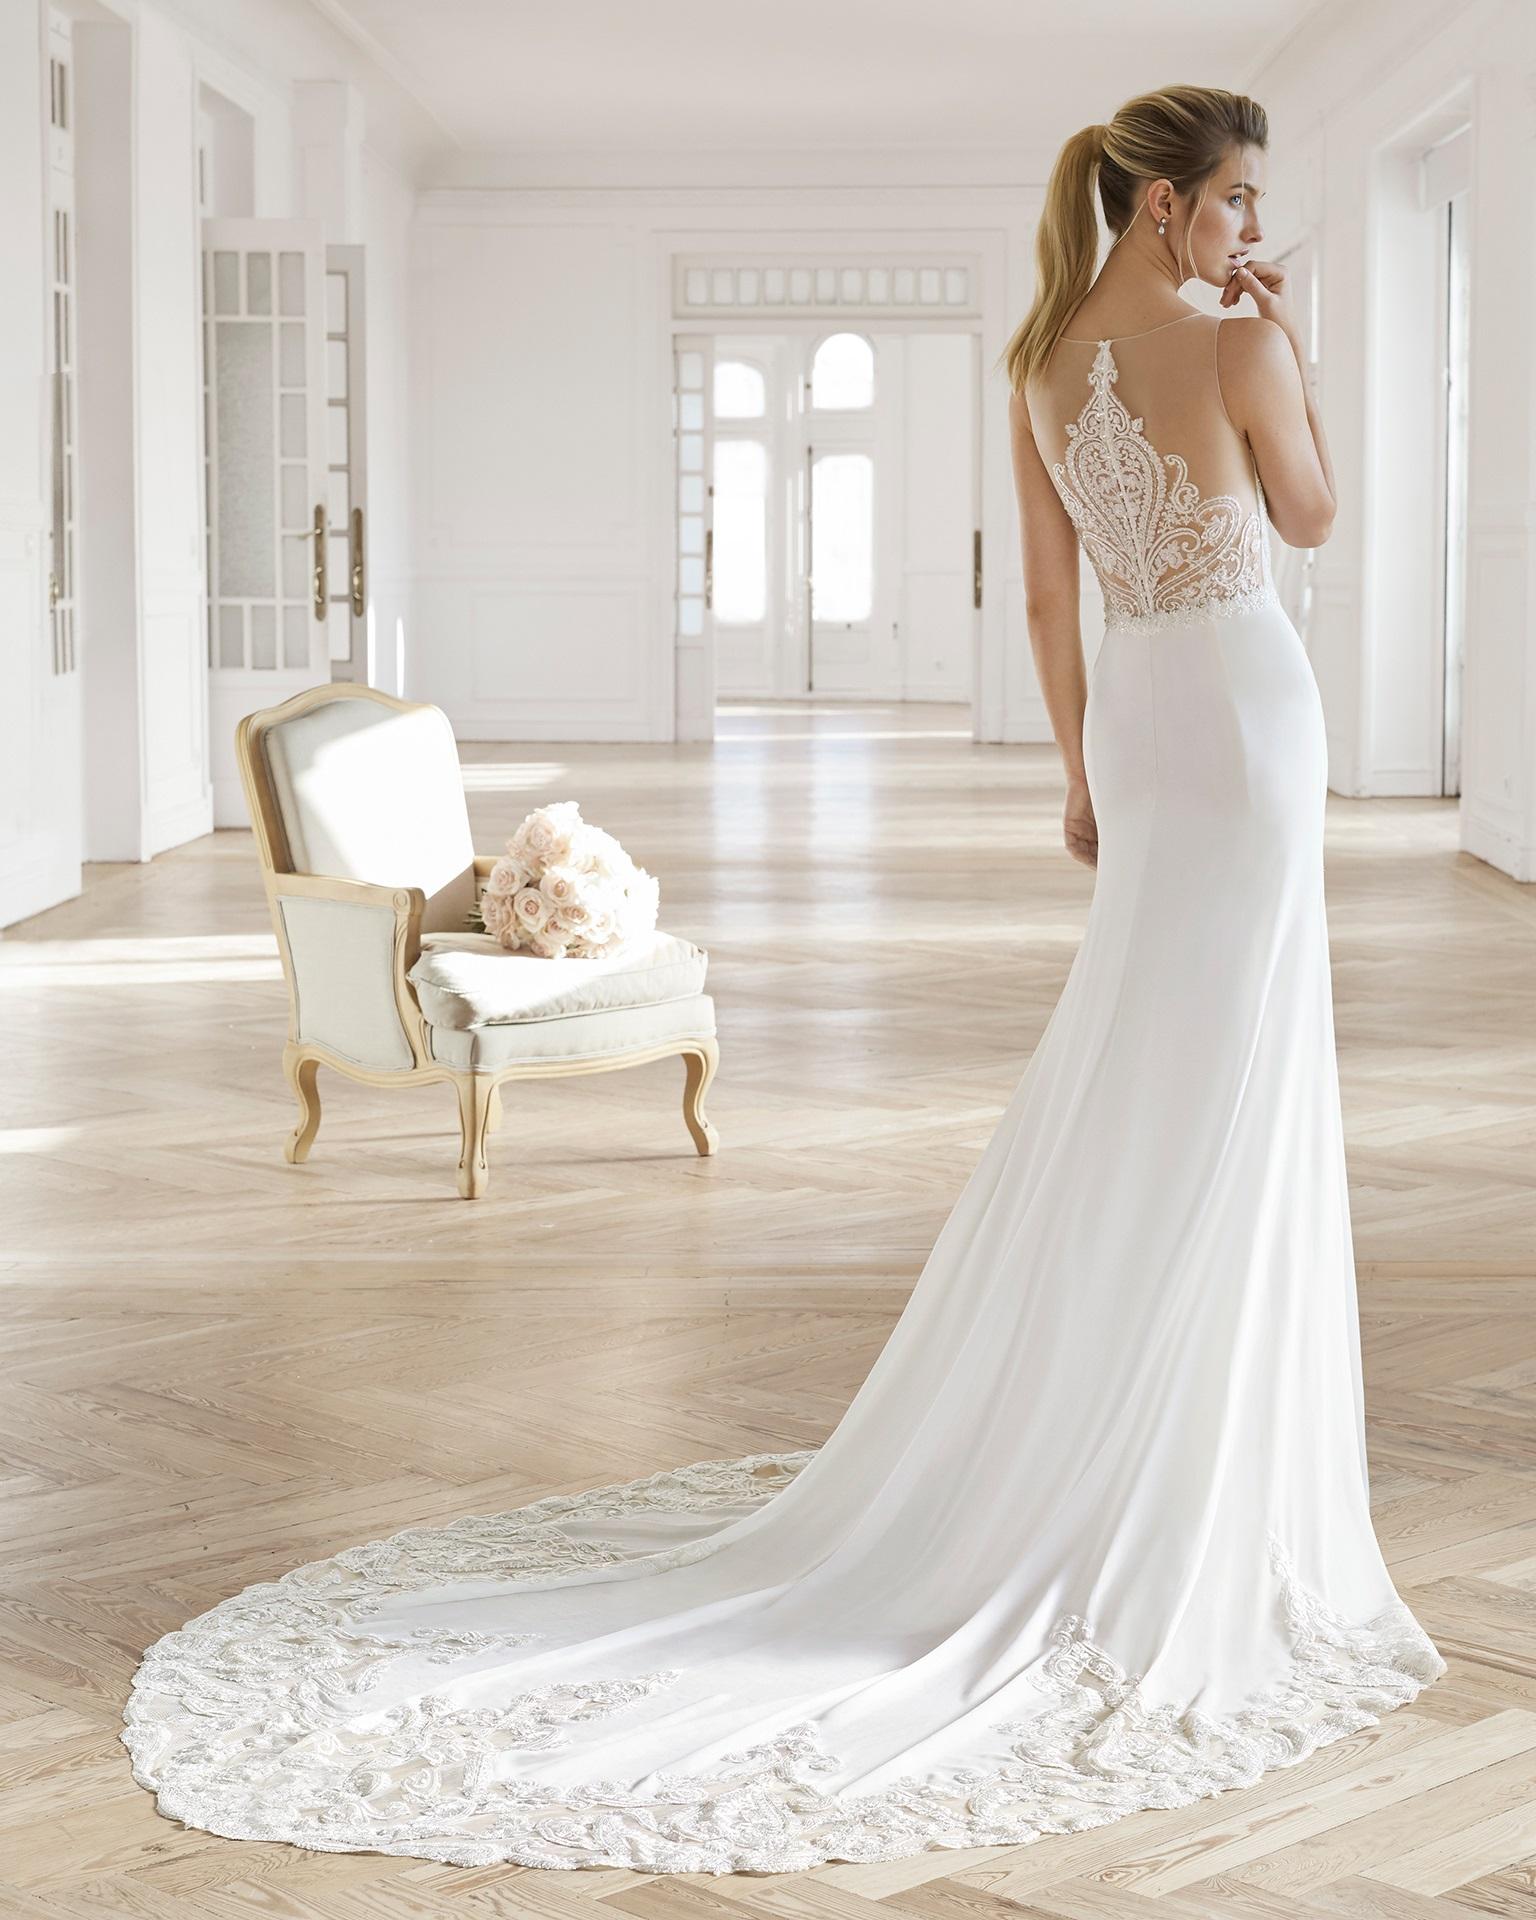 EFEITO TATUAGEM Aire Barcelona - Tendências para vestidos de noiva em 2019